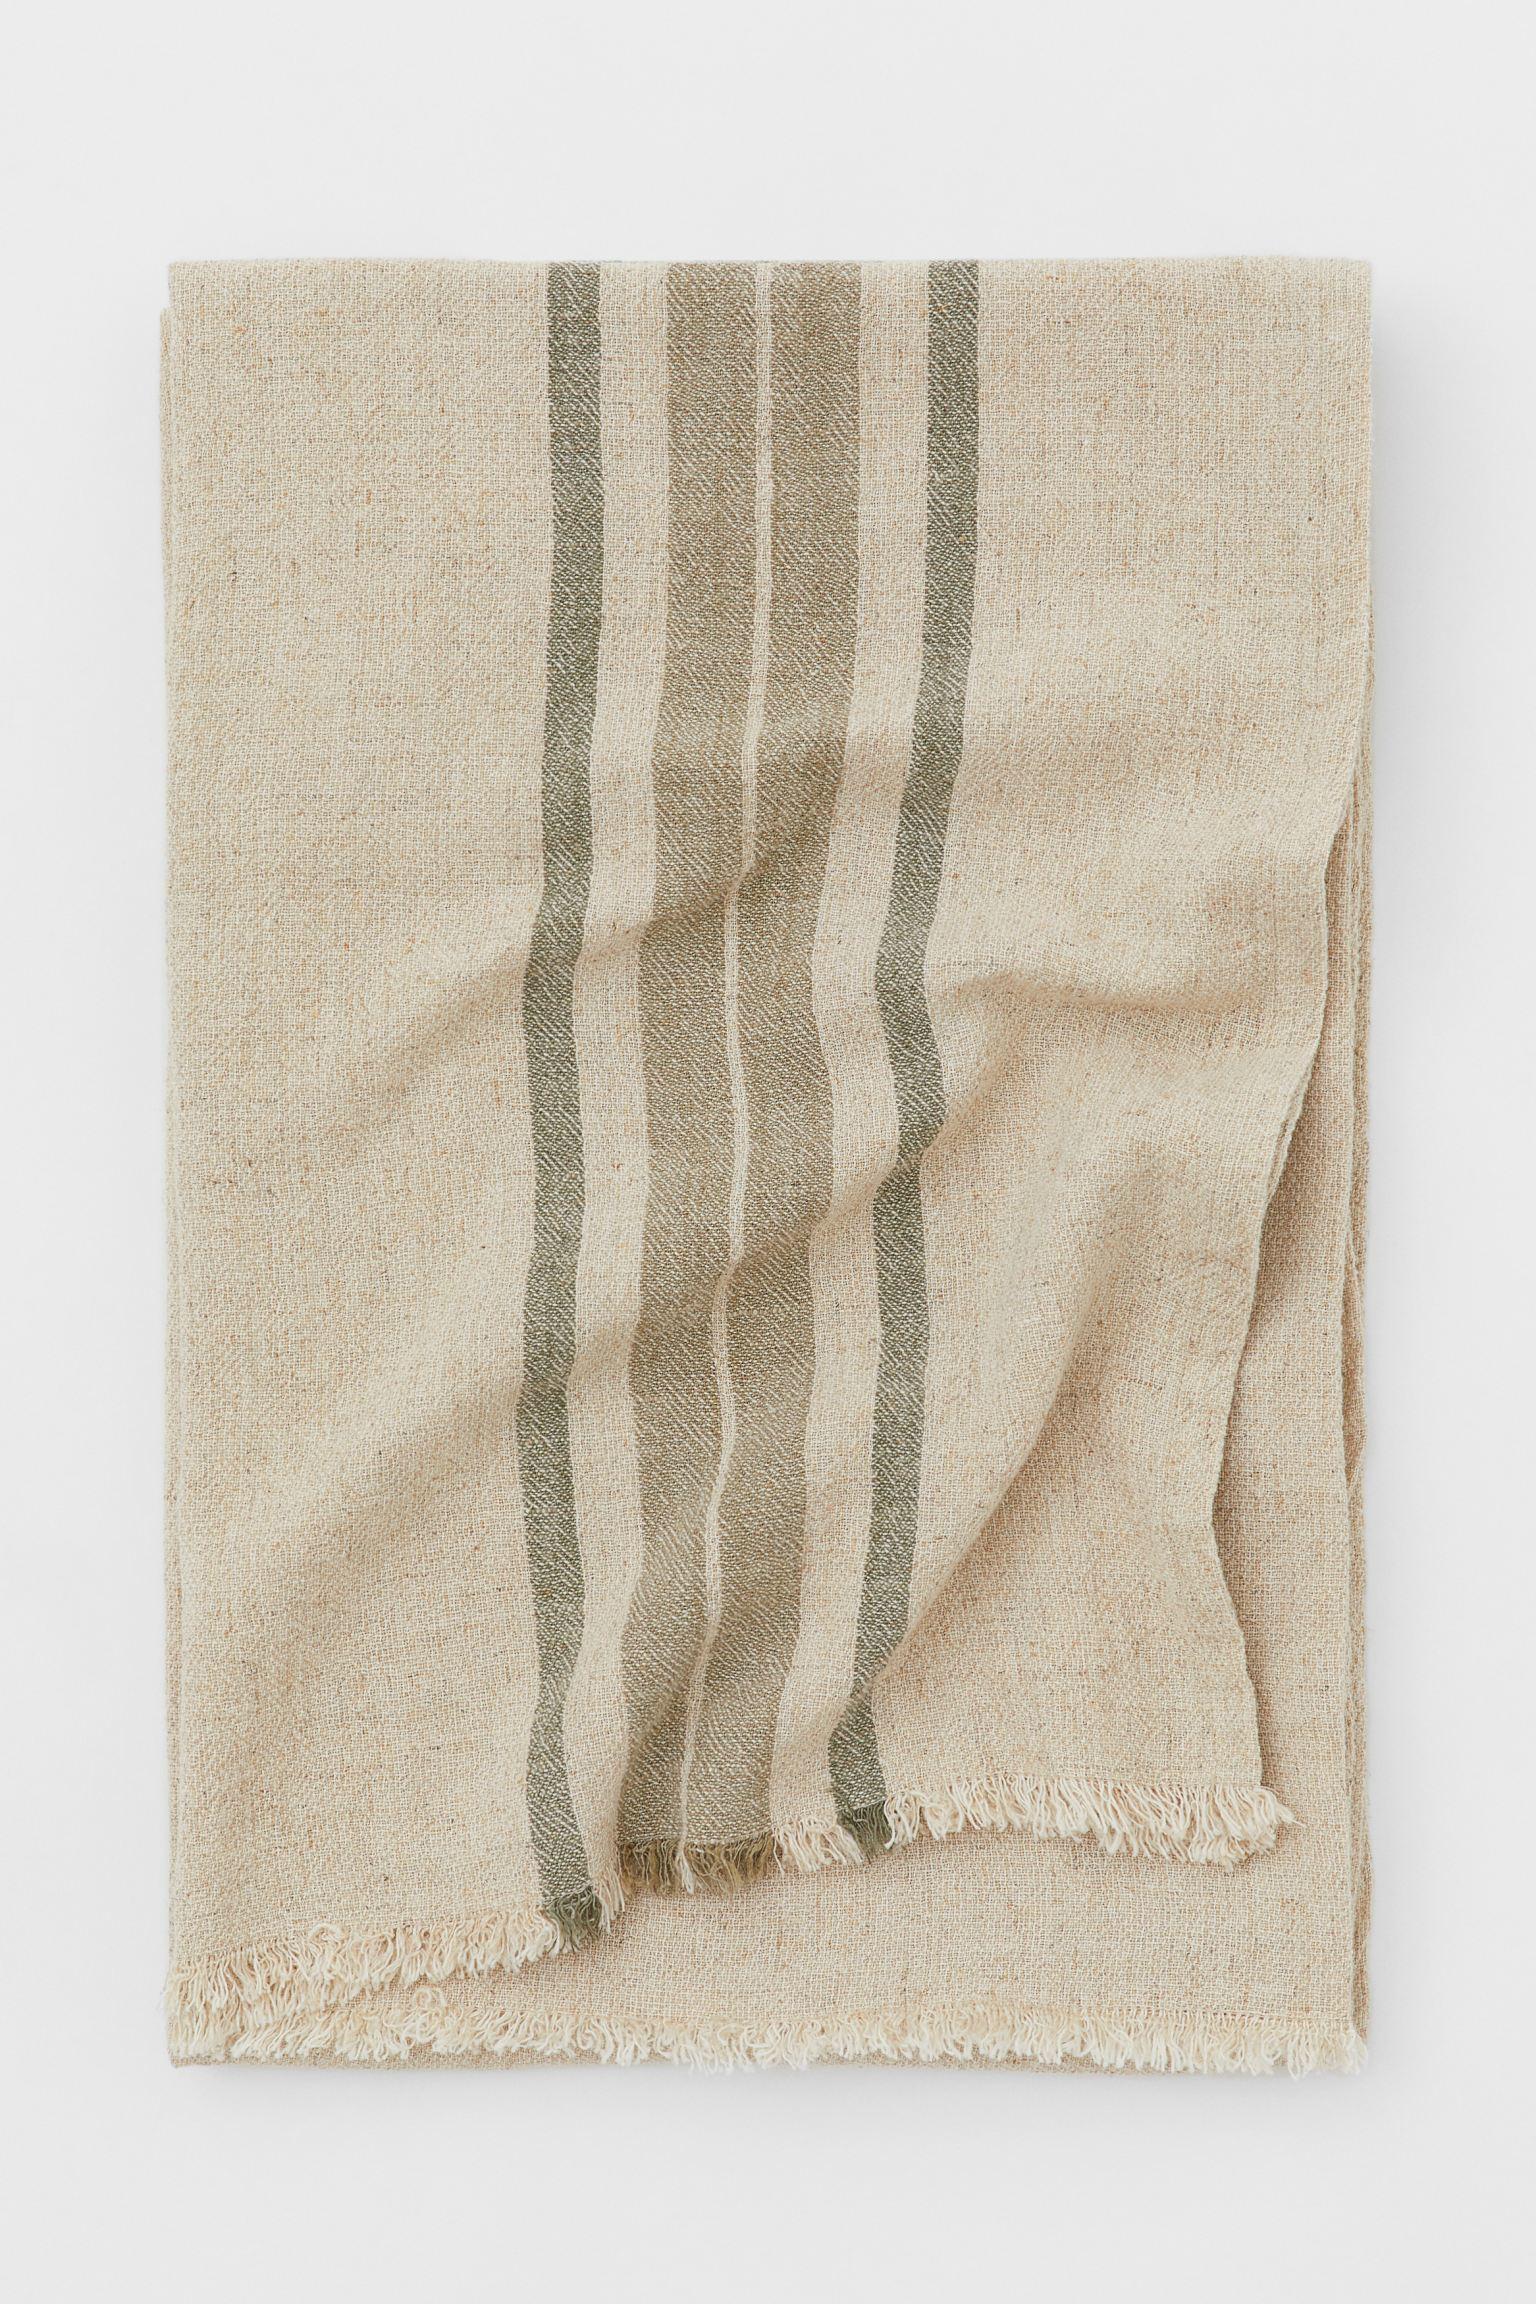 Manta en mezcla de lino. Manta en mezcla de algodón, viscosa y lino con rayas tejidas y acabado desflecado. H&M Home (34,99 euros).